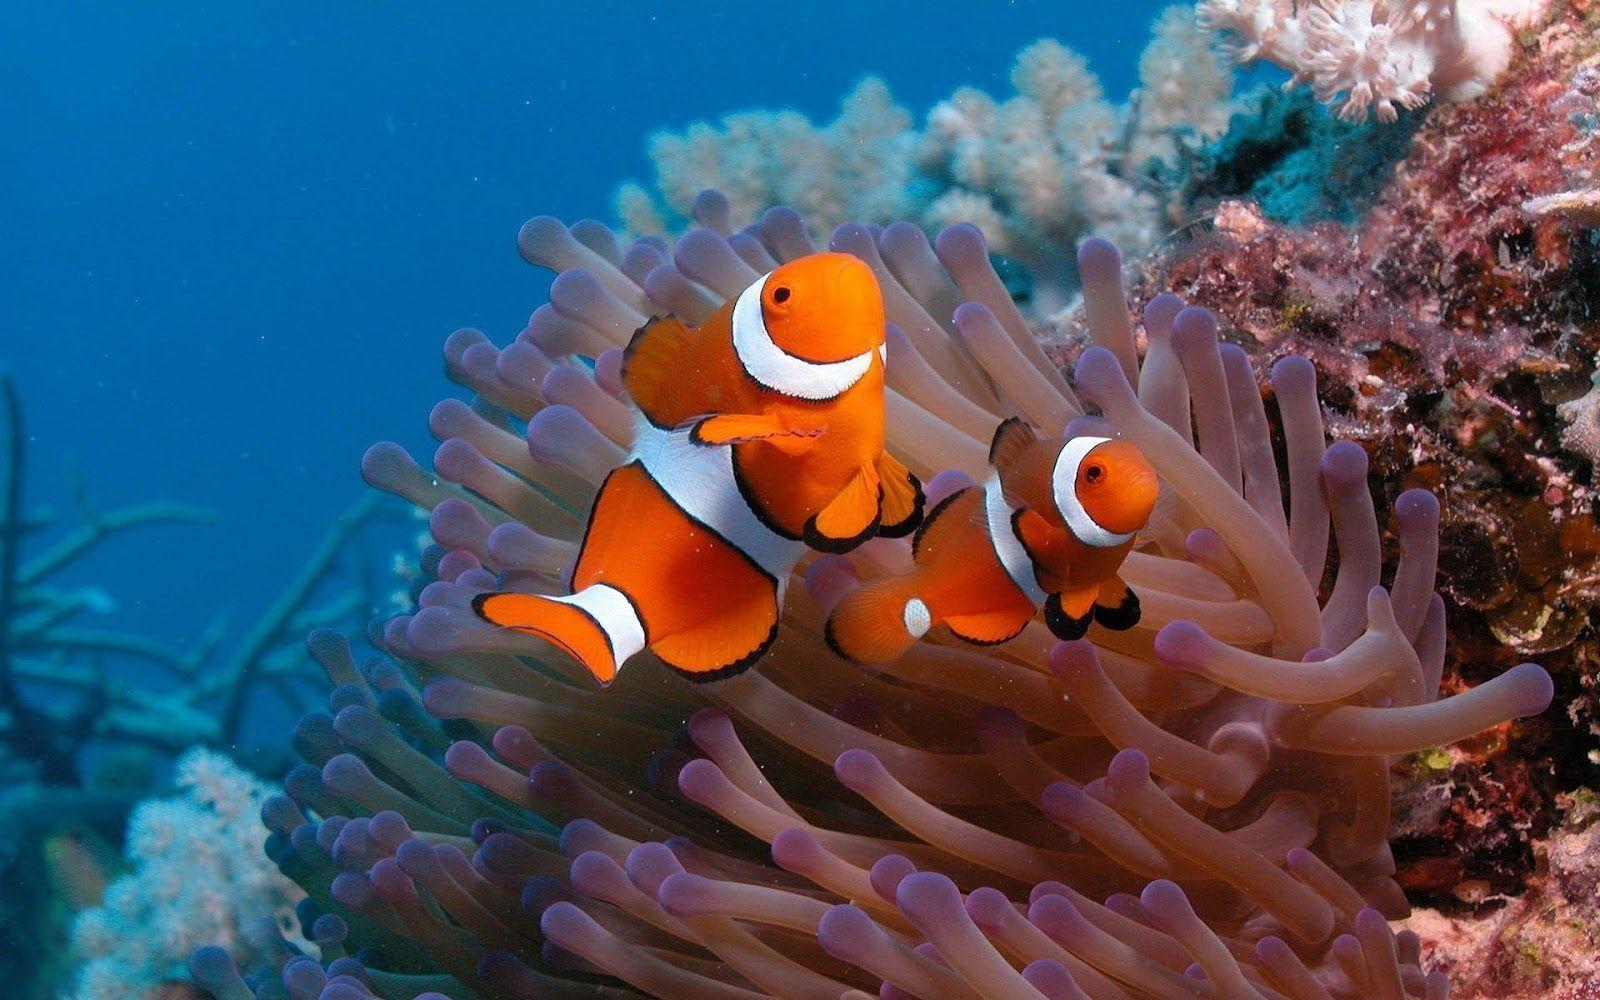 Top 27 Sea Animals Wallpapers In Hd: Ocean Floor Wallpapers